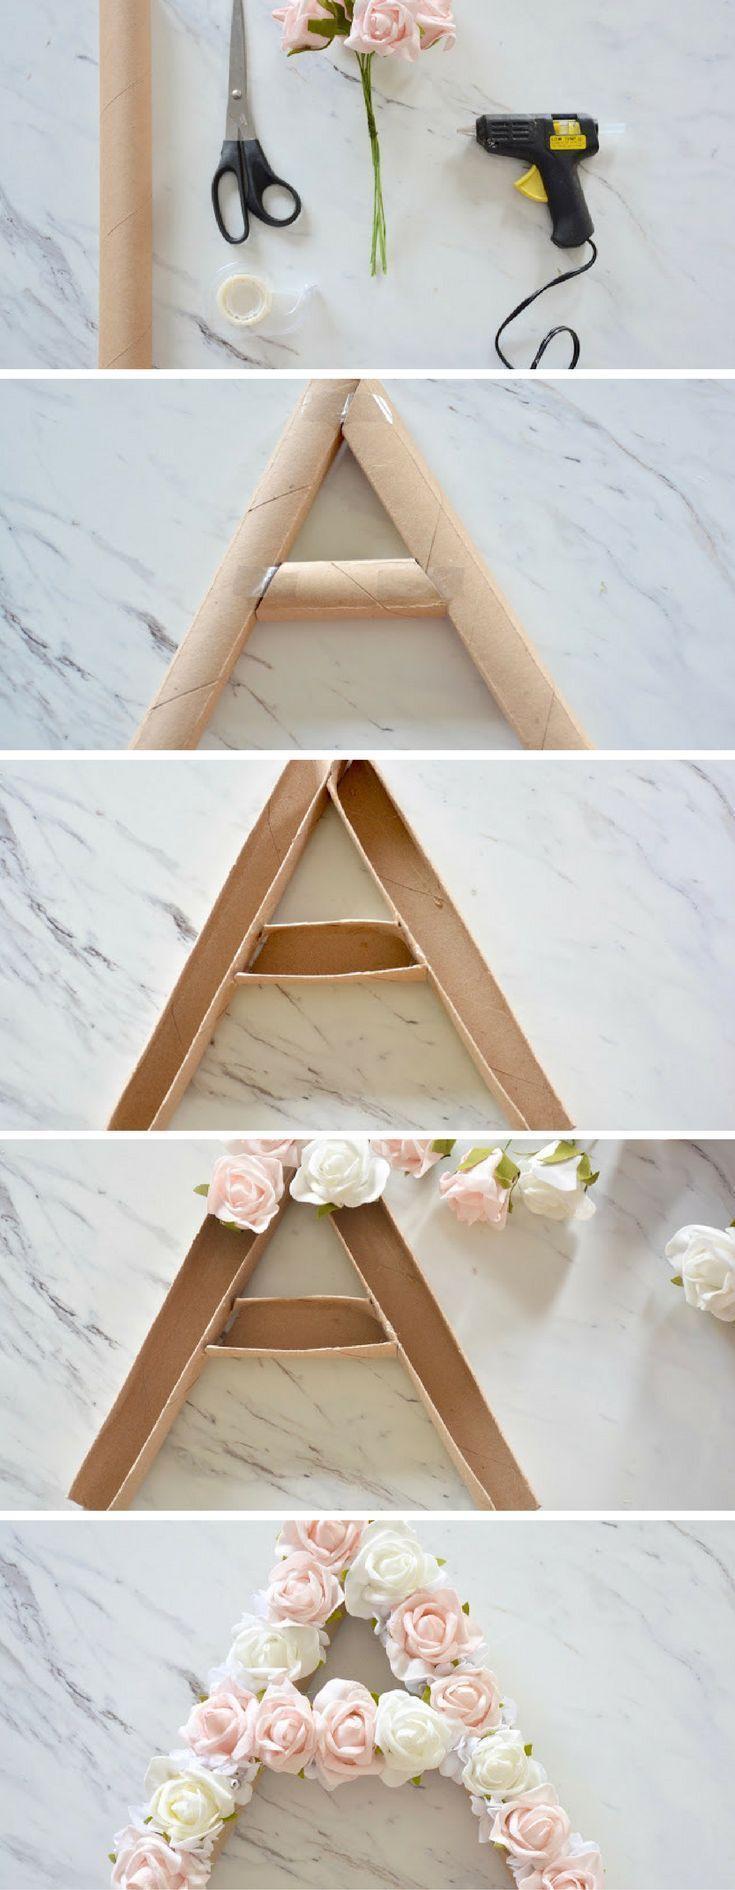 DIY Flower Monogram – machen Sie dieses lustige und einfache Sommerdekor